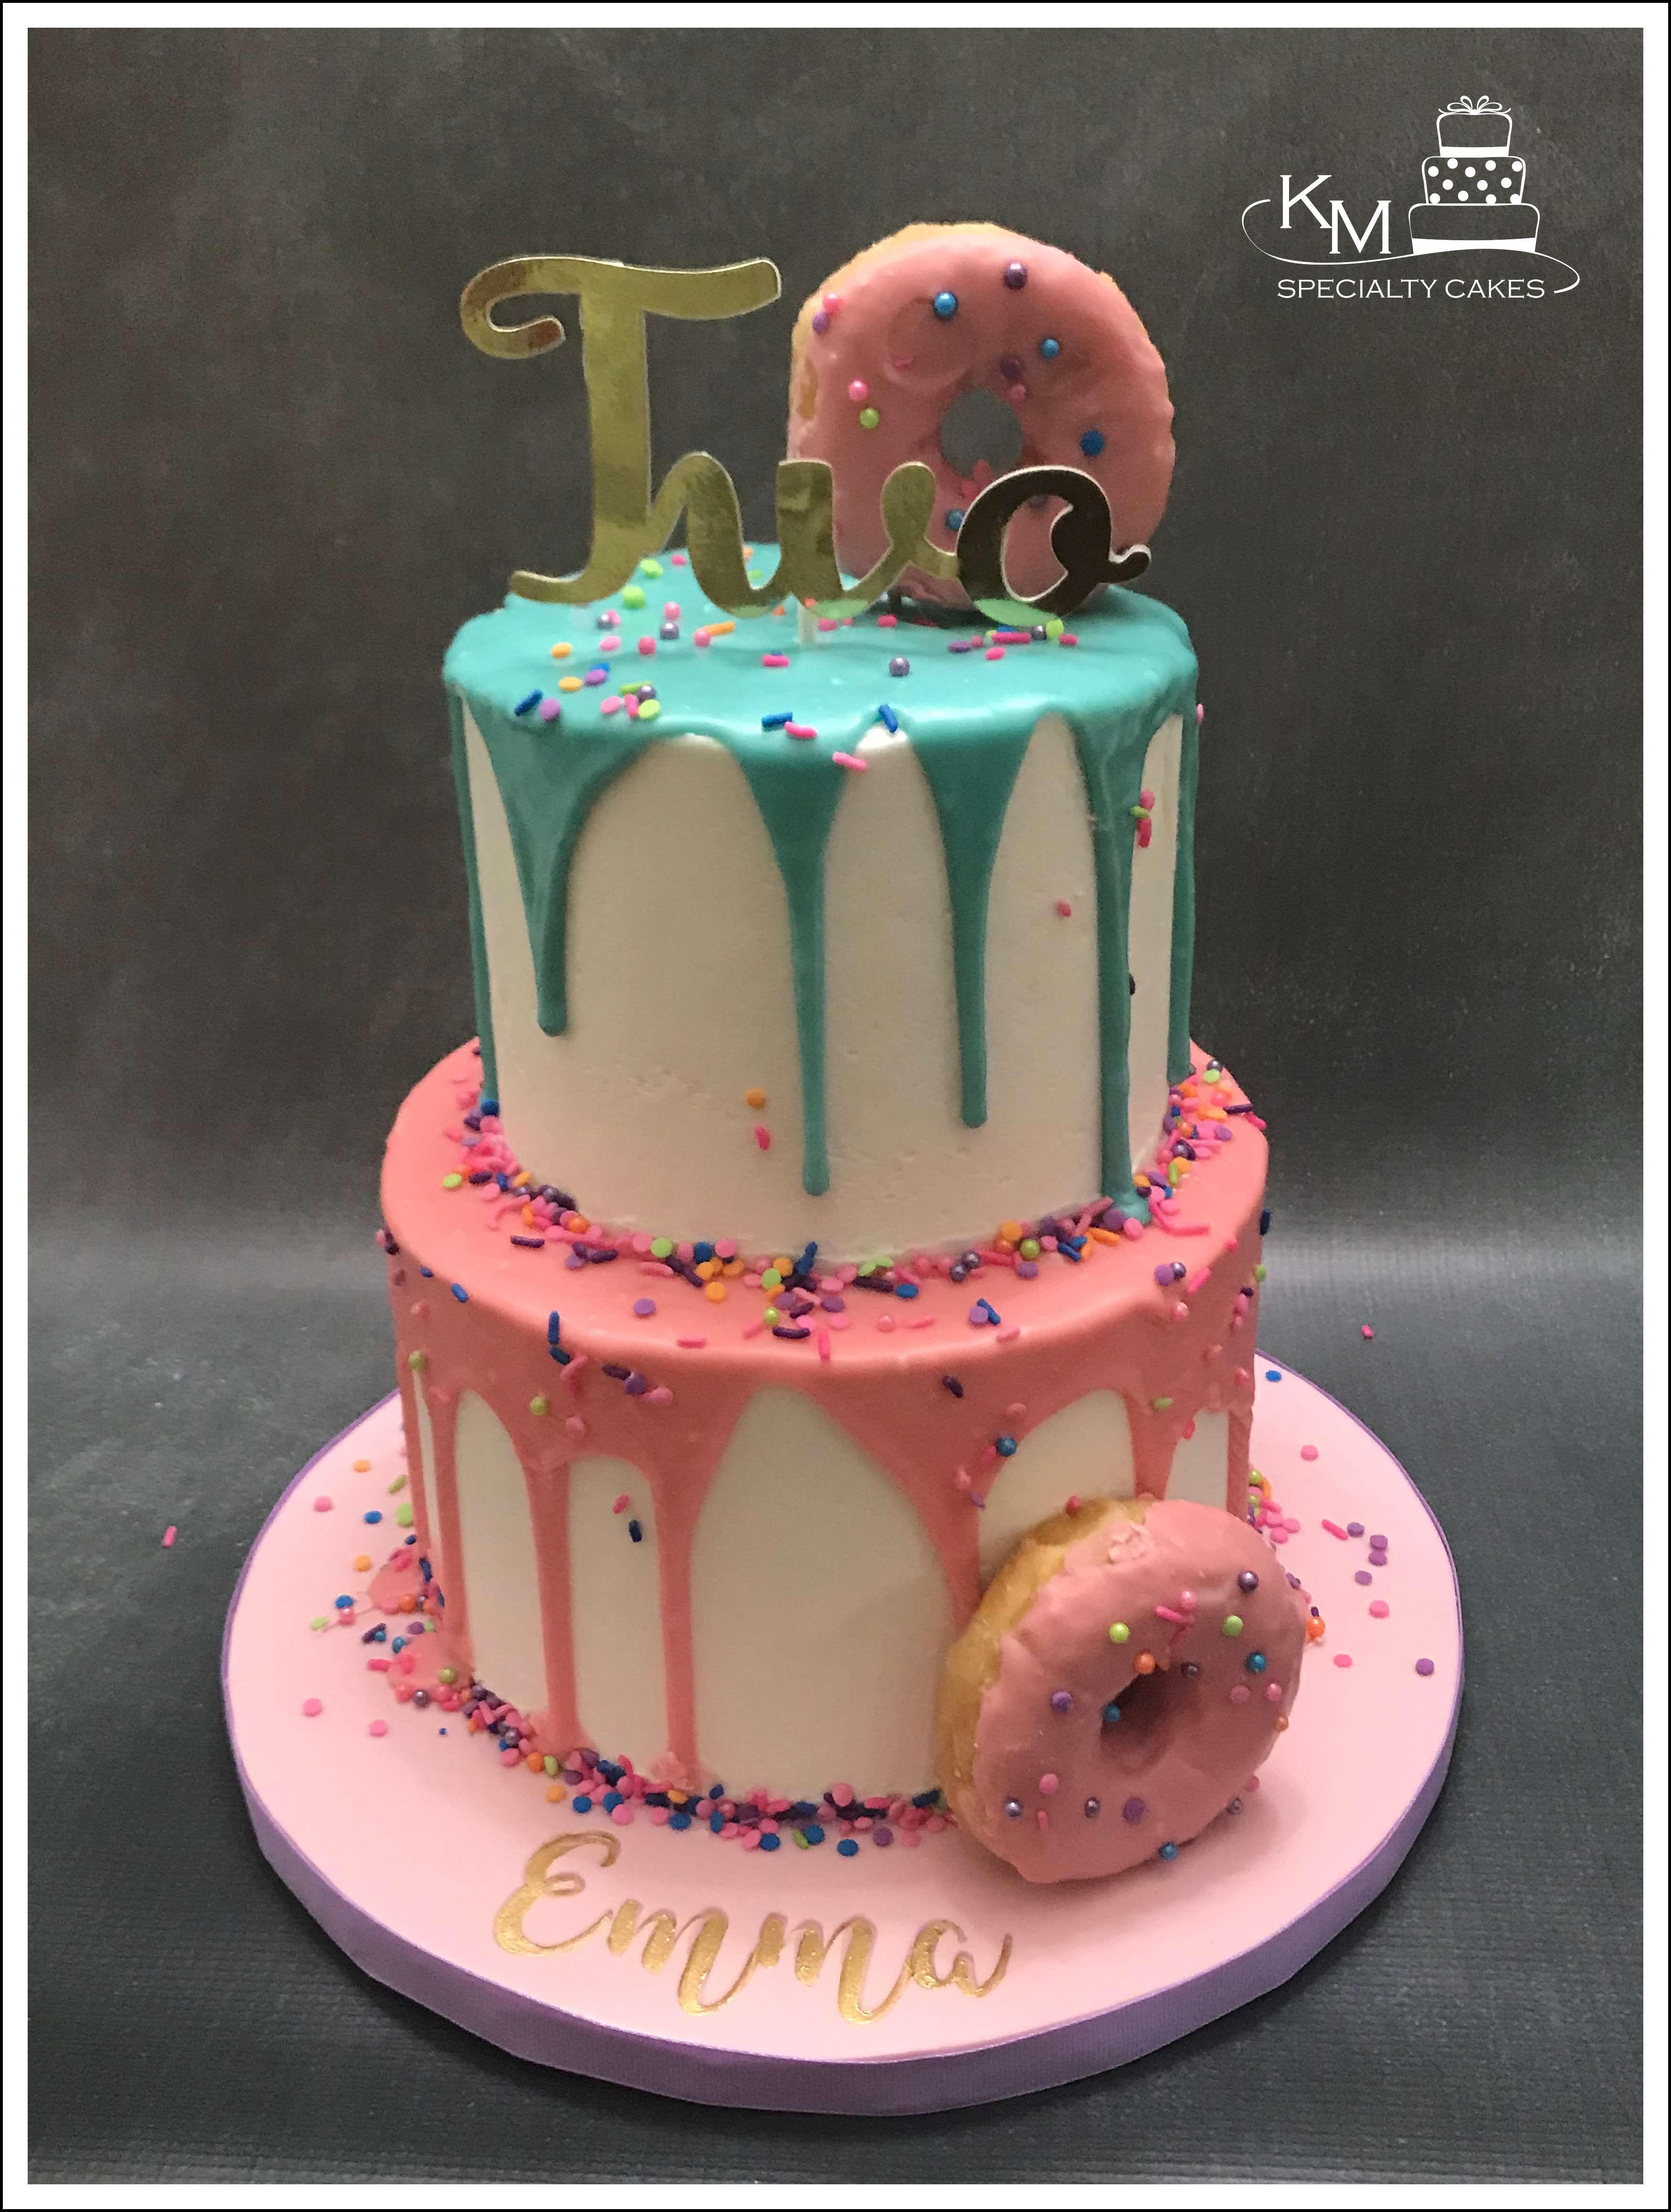 Doughnut birthday cake in 2020 cake specialty cakes